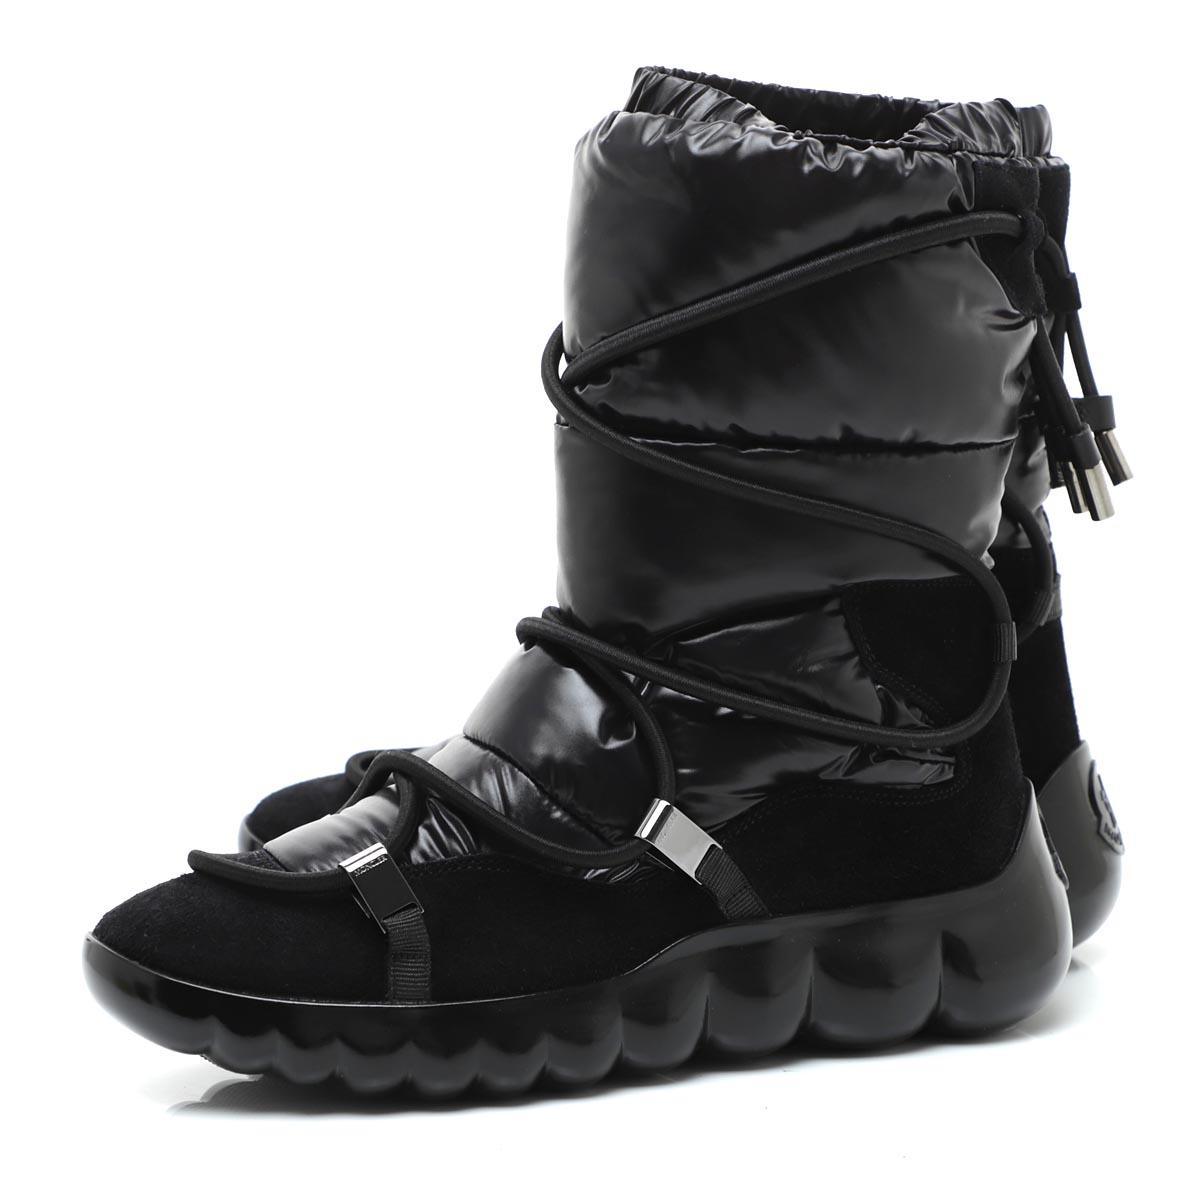 【アウトレット】モンクレール MONCLER ブーツ ショートブーツ ブラック レディース cora 2056000 01akm 999 CORA STIVALE【あす楽対応_関東】【返品送料無料】【ラッピング無料】